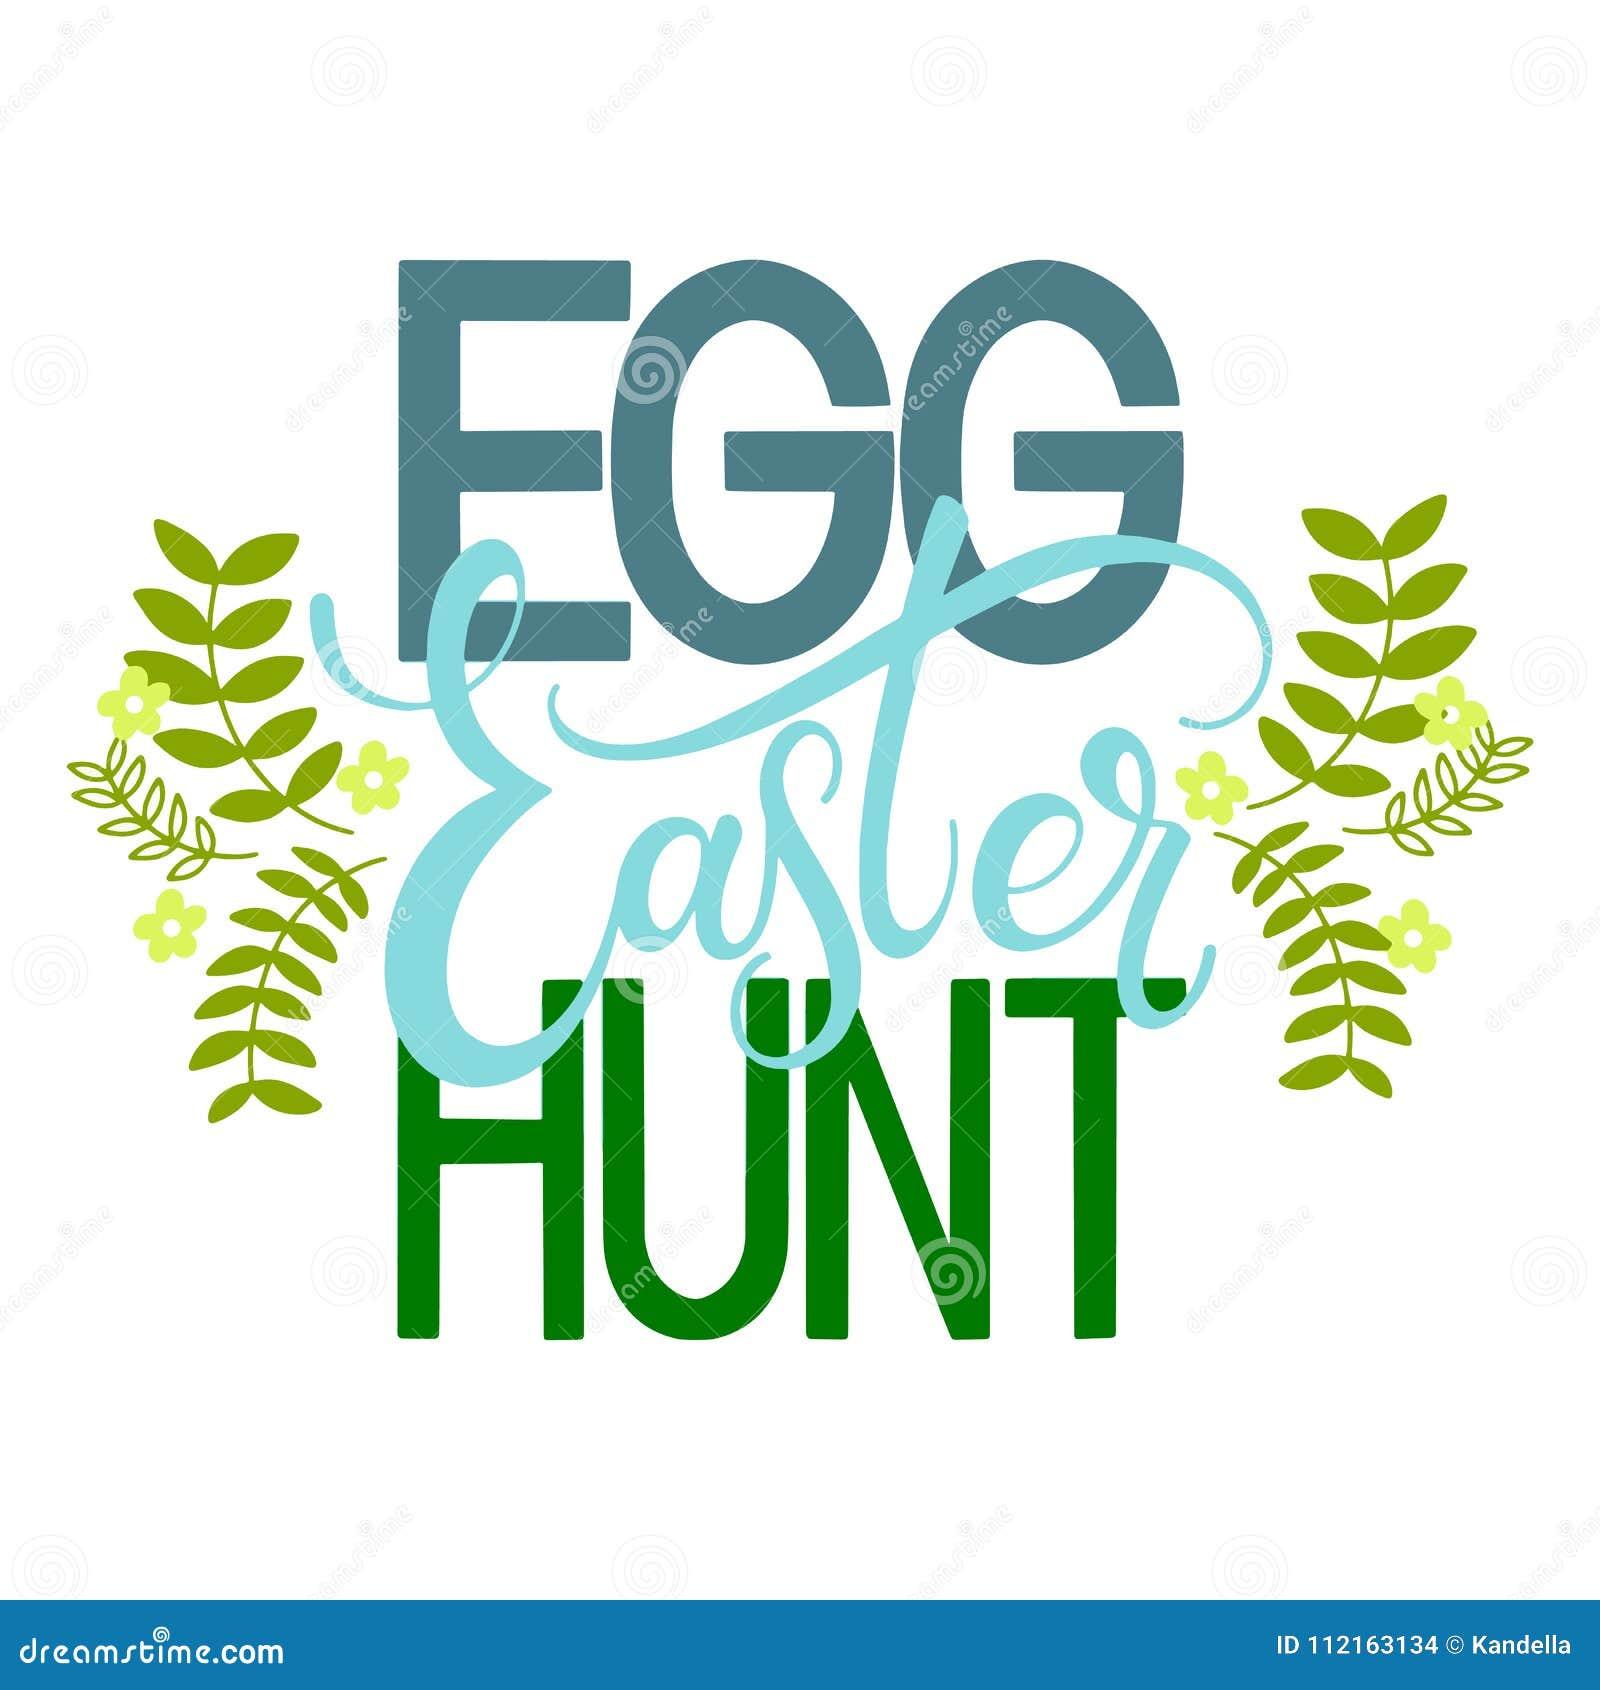 Easter egg hunt colorful lettering stock vector illustration of hand written easter phrases seasons greetings m4hsunfo